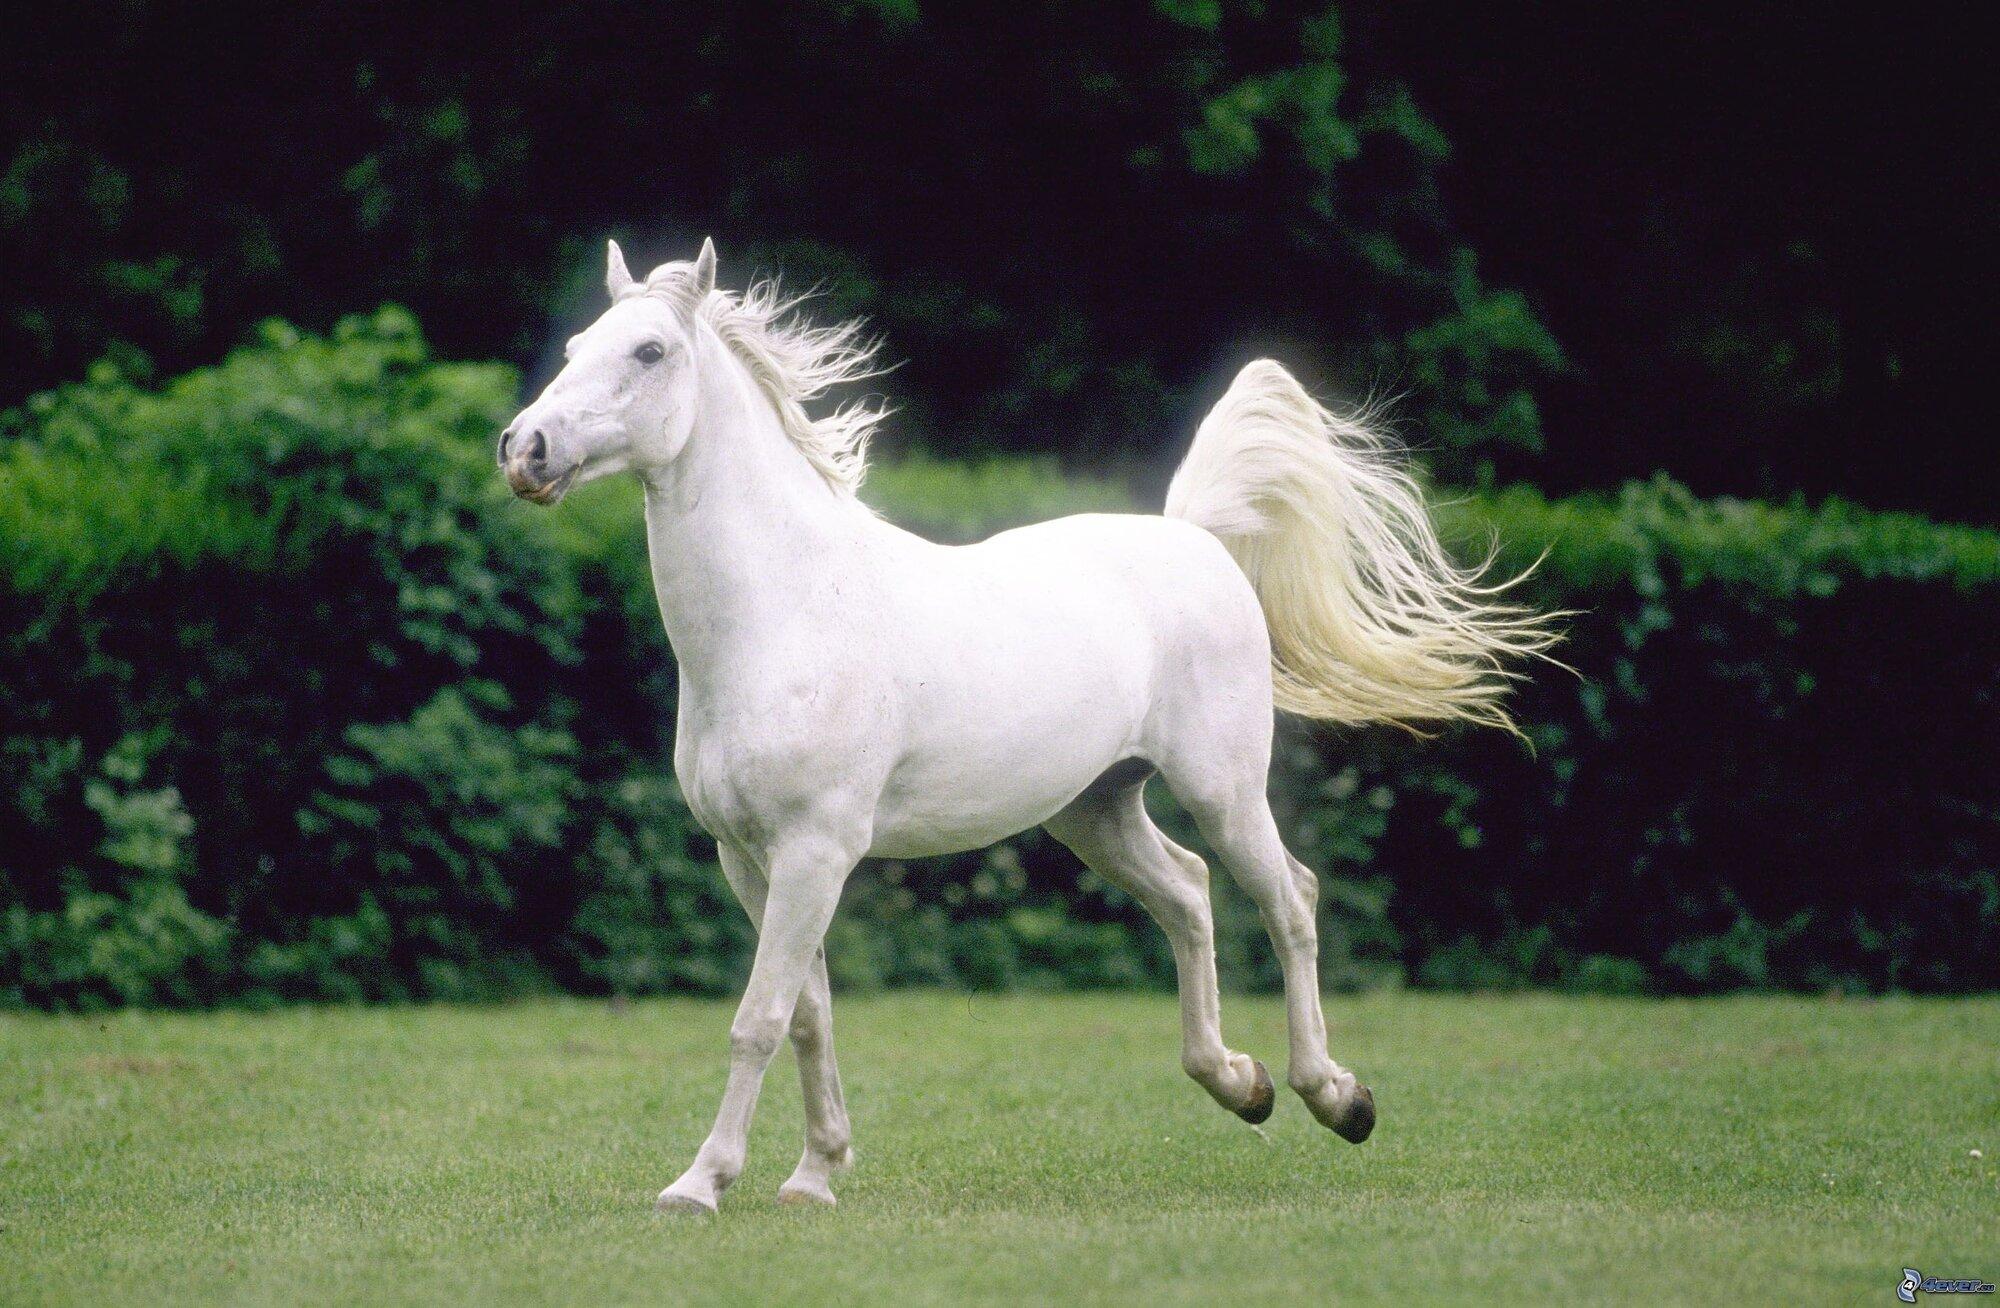 White-Horse-horses-35203707-2996-1960.jpg